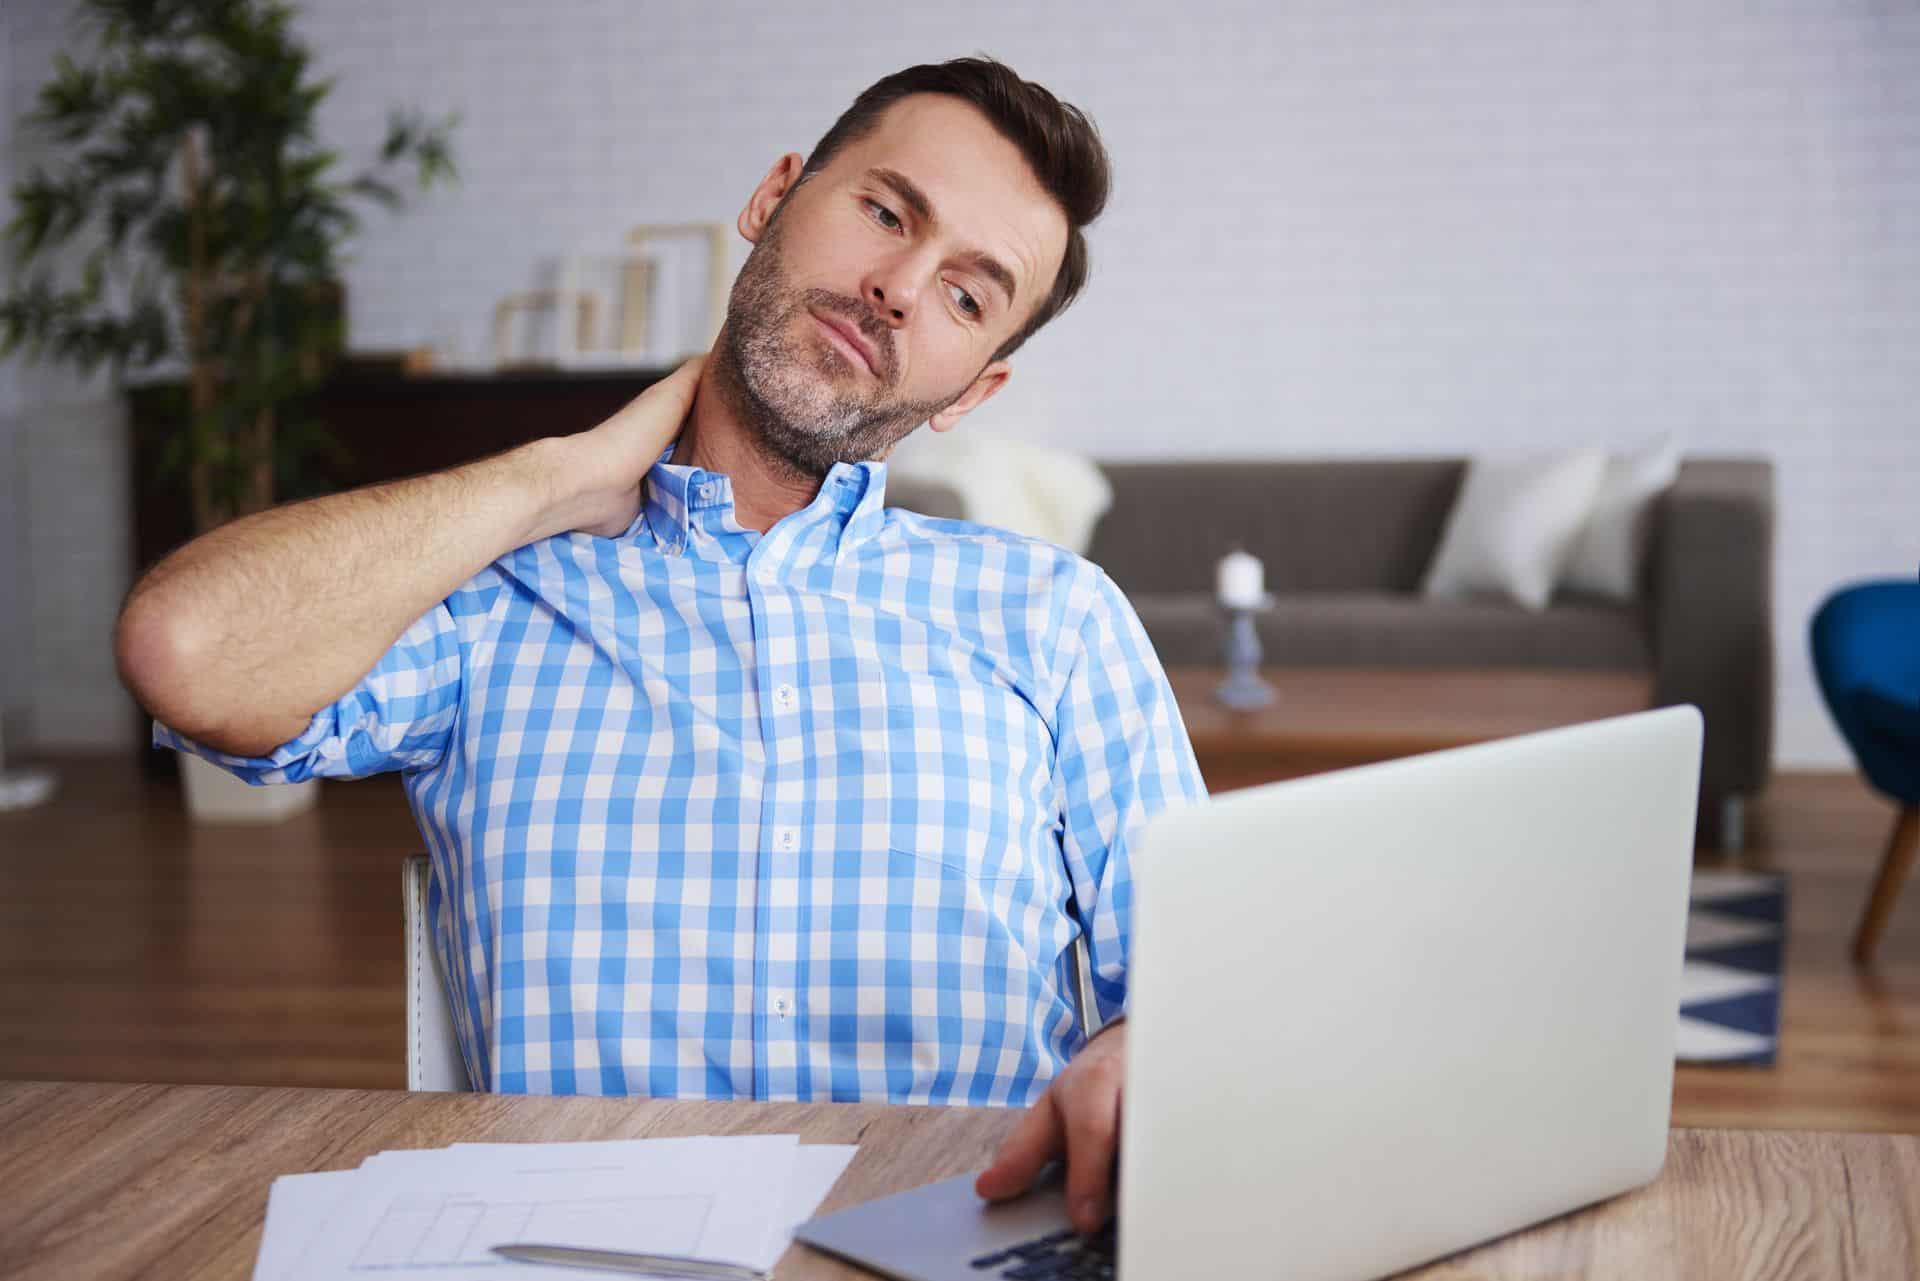 Douleurs cervicales : comment soulager les muscles ?